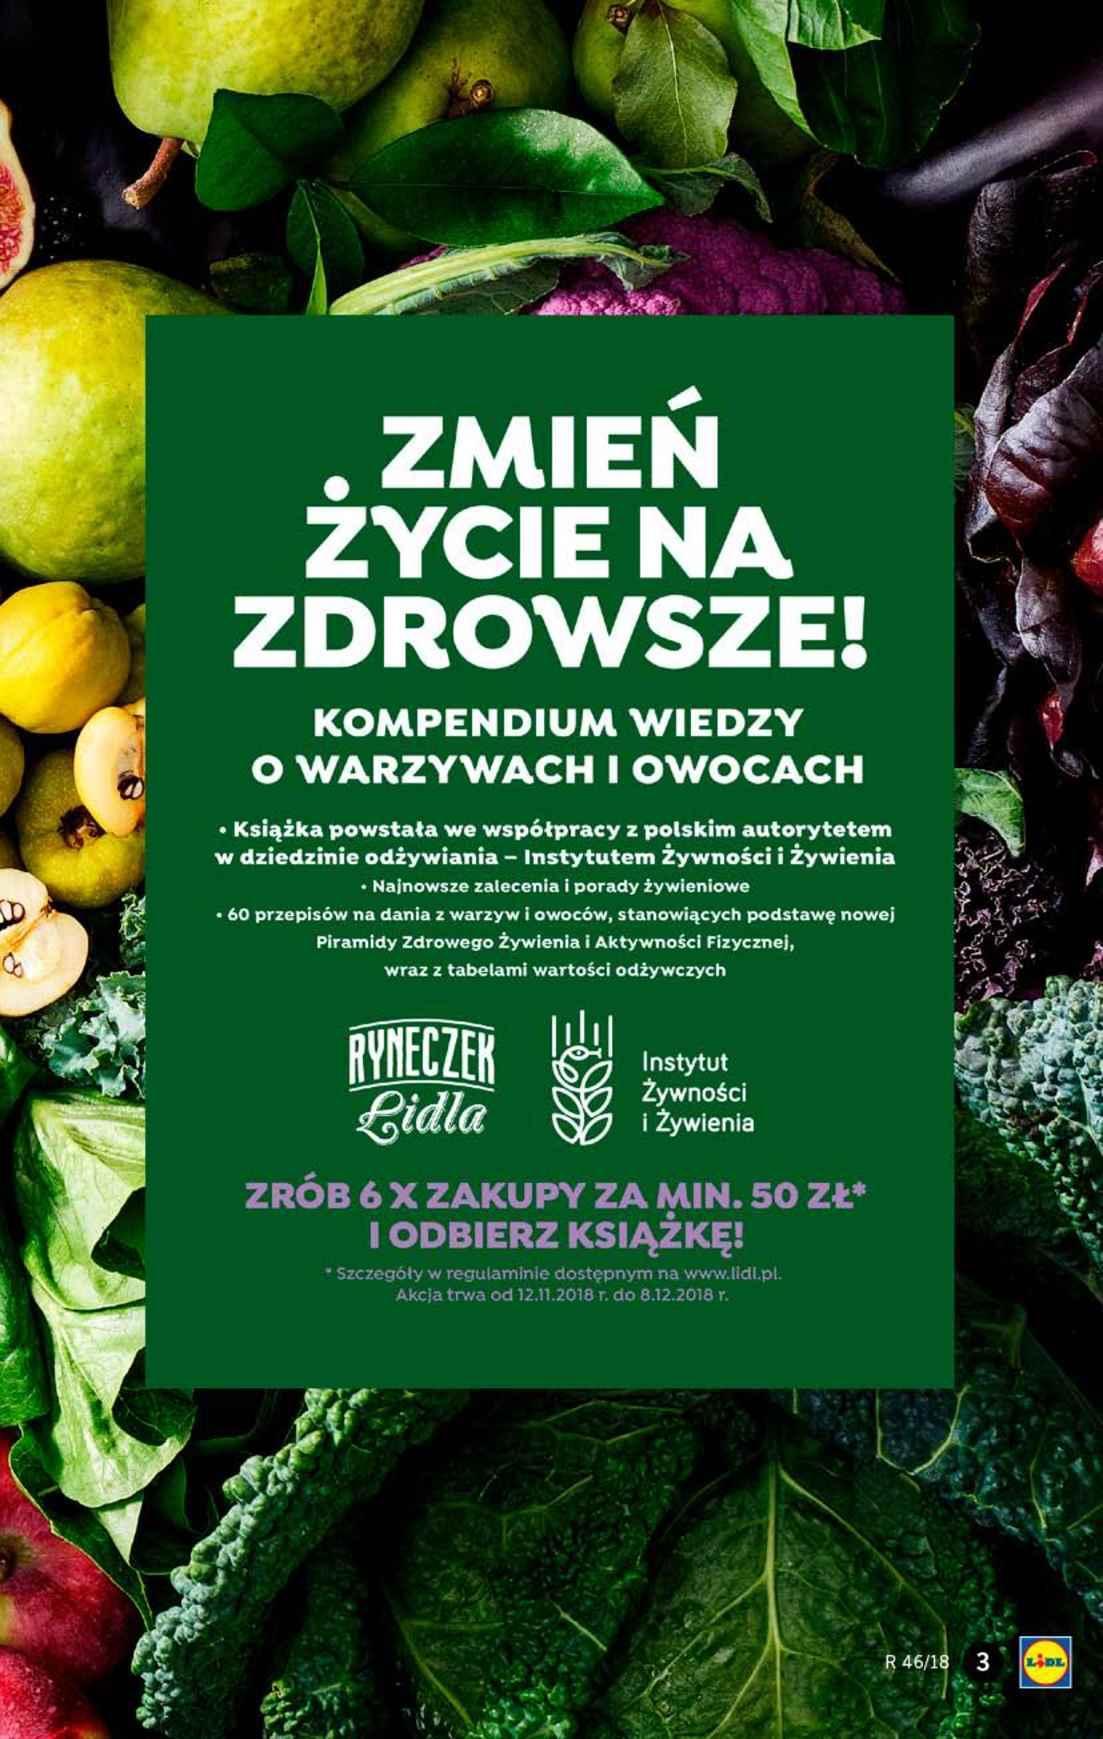 Gazetka promocyjna Lidl do 17/11/2018 str.3